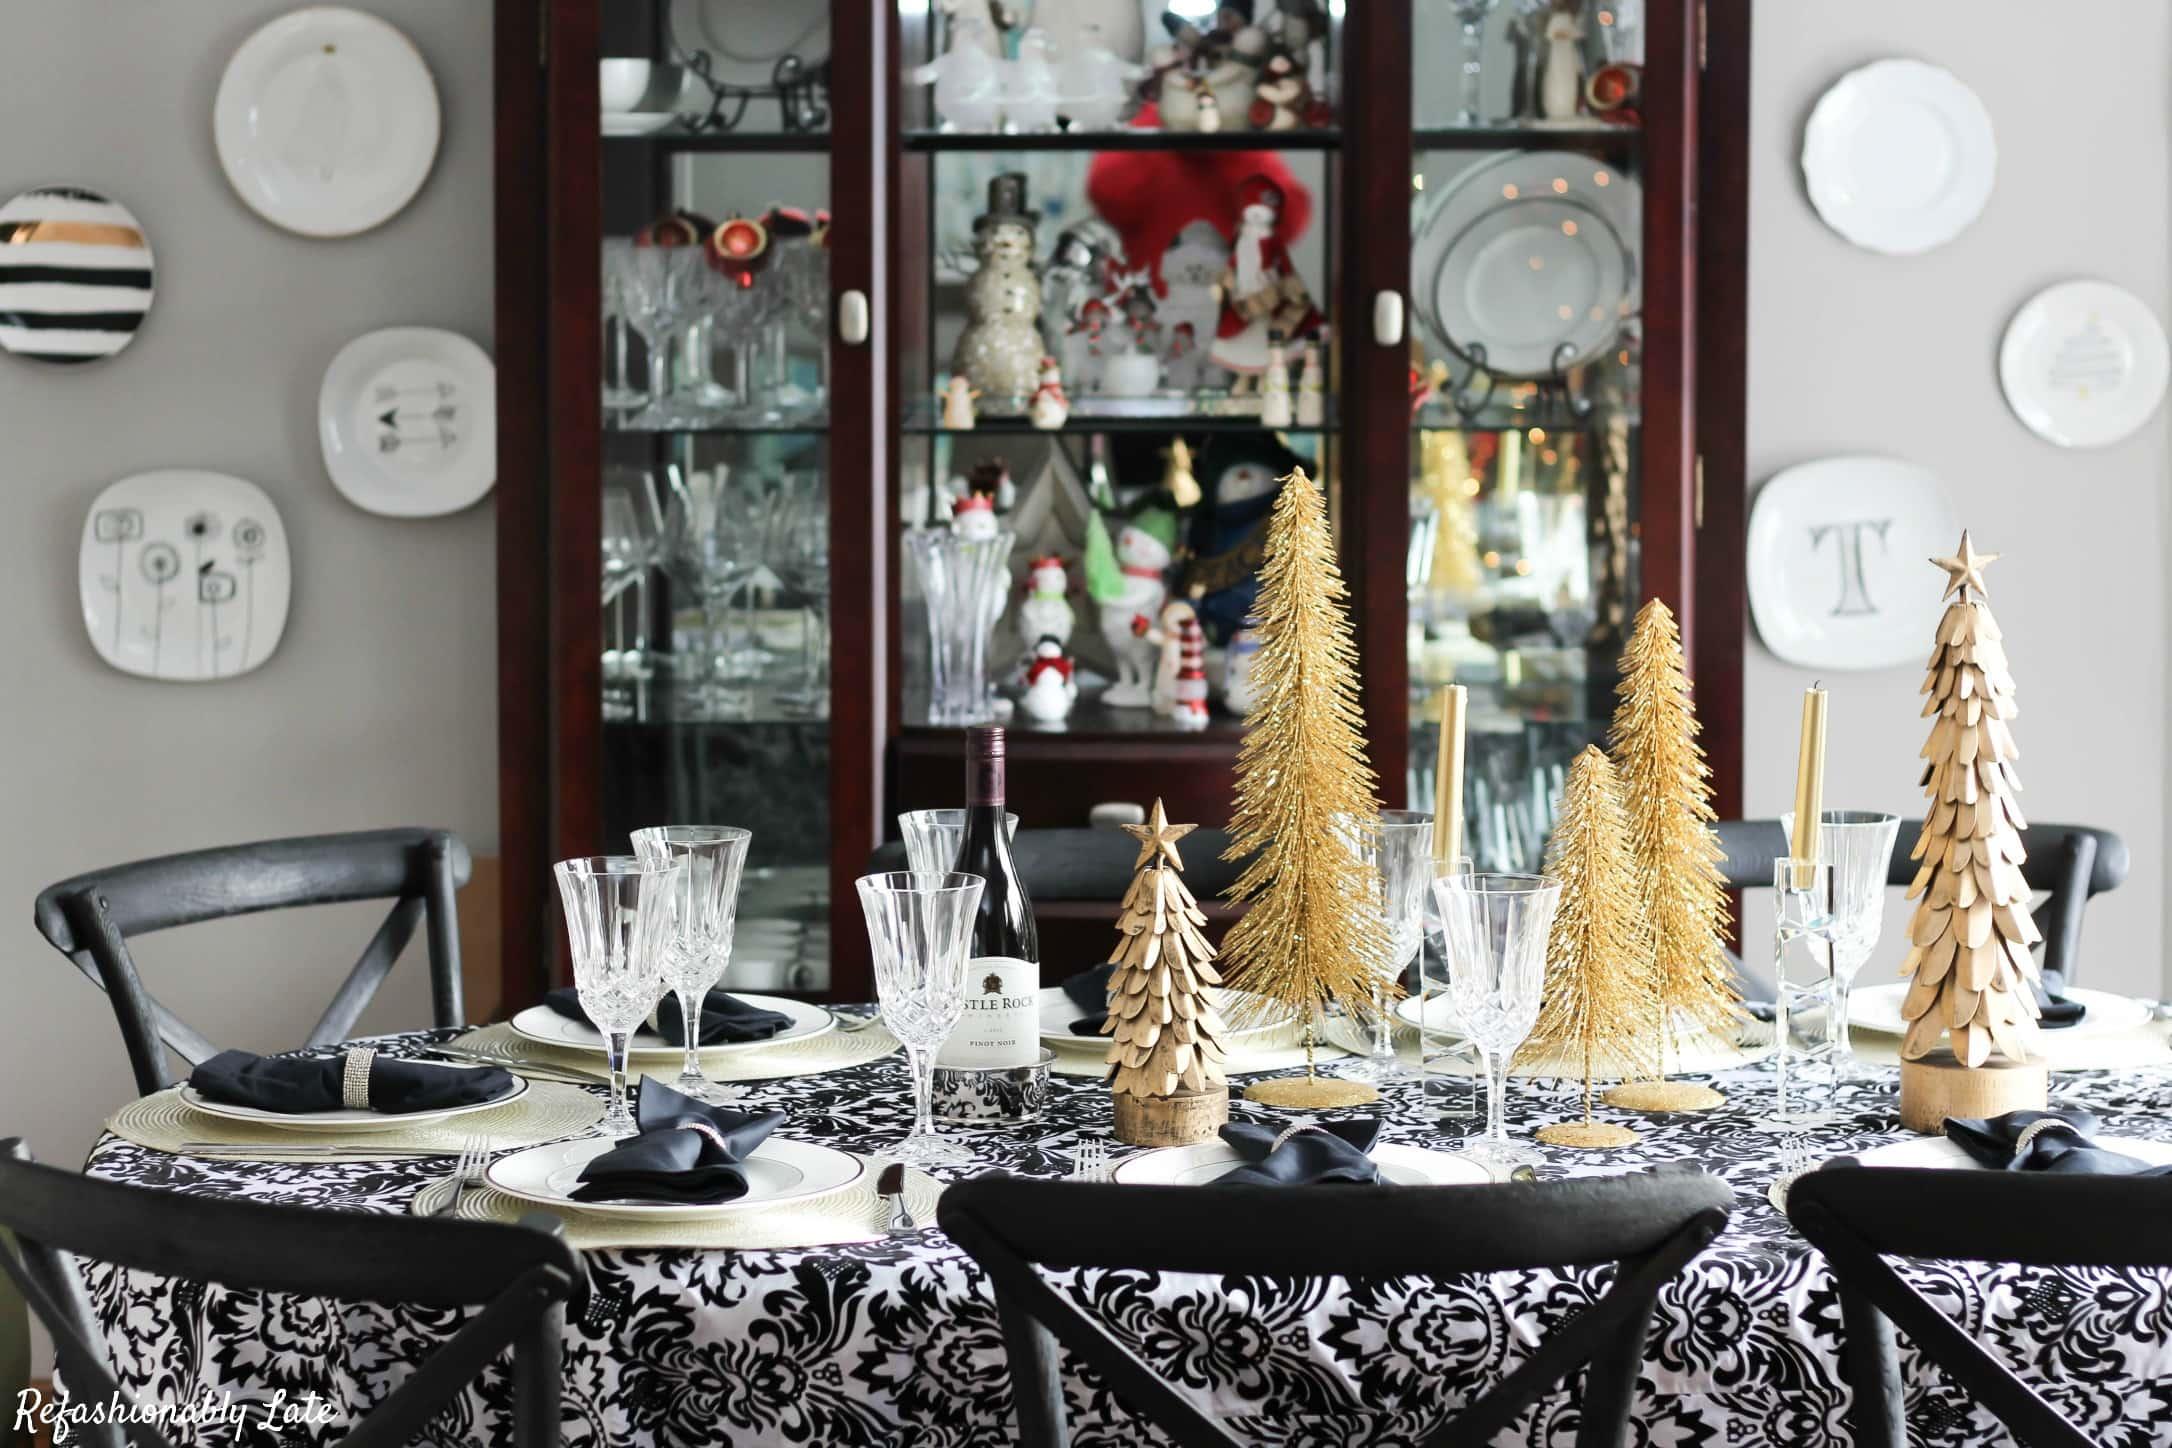 Happy New Year - www.refashionablylate.com